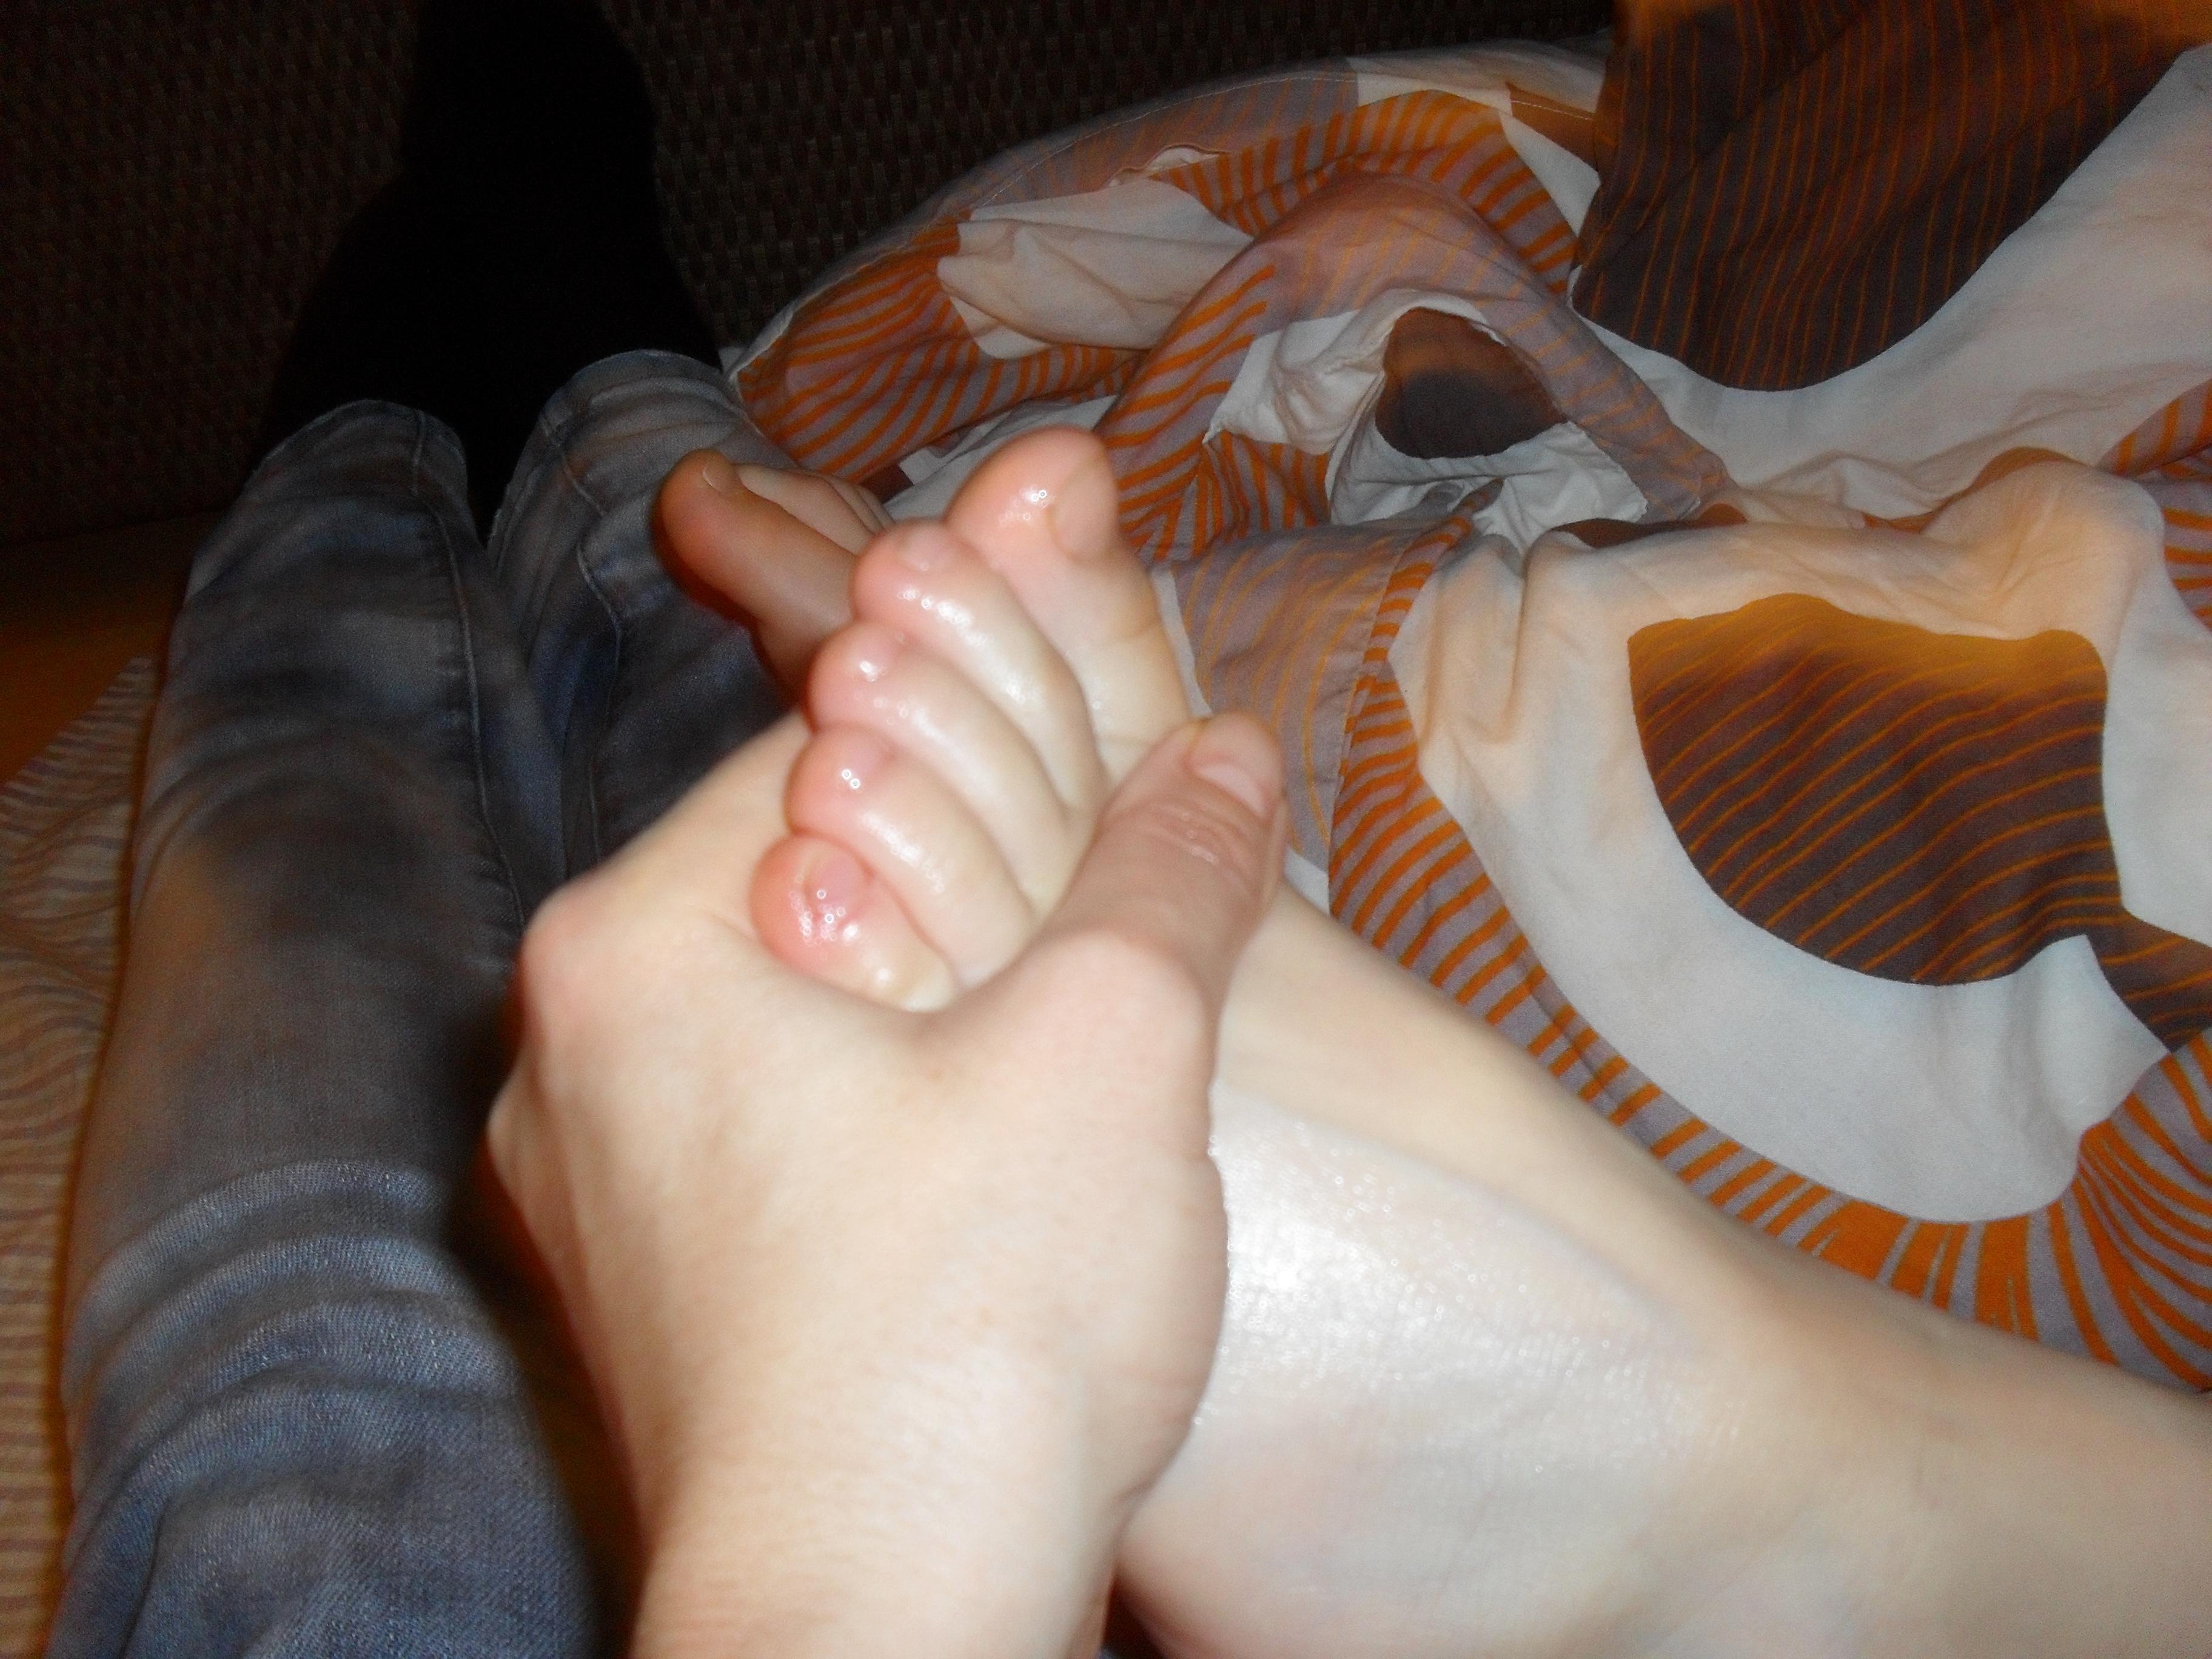 kroppen wand massasje video glad